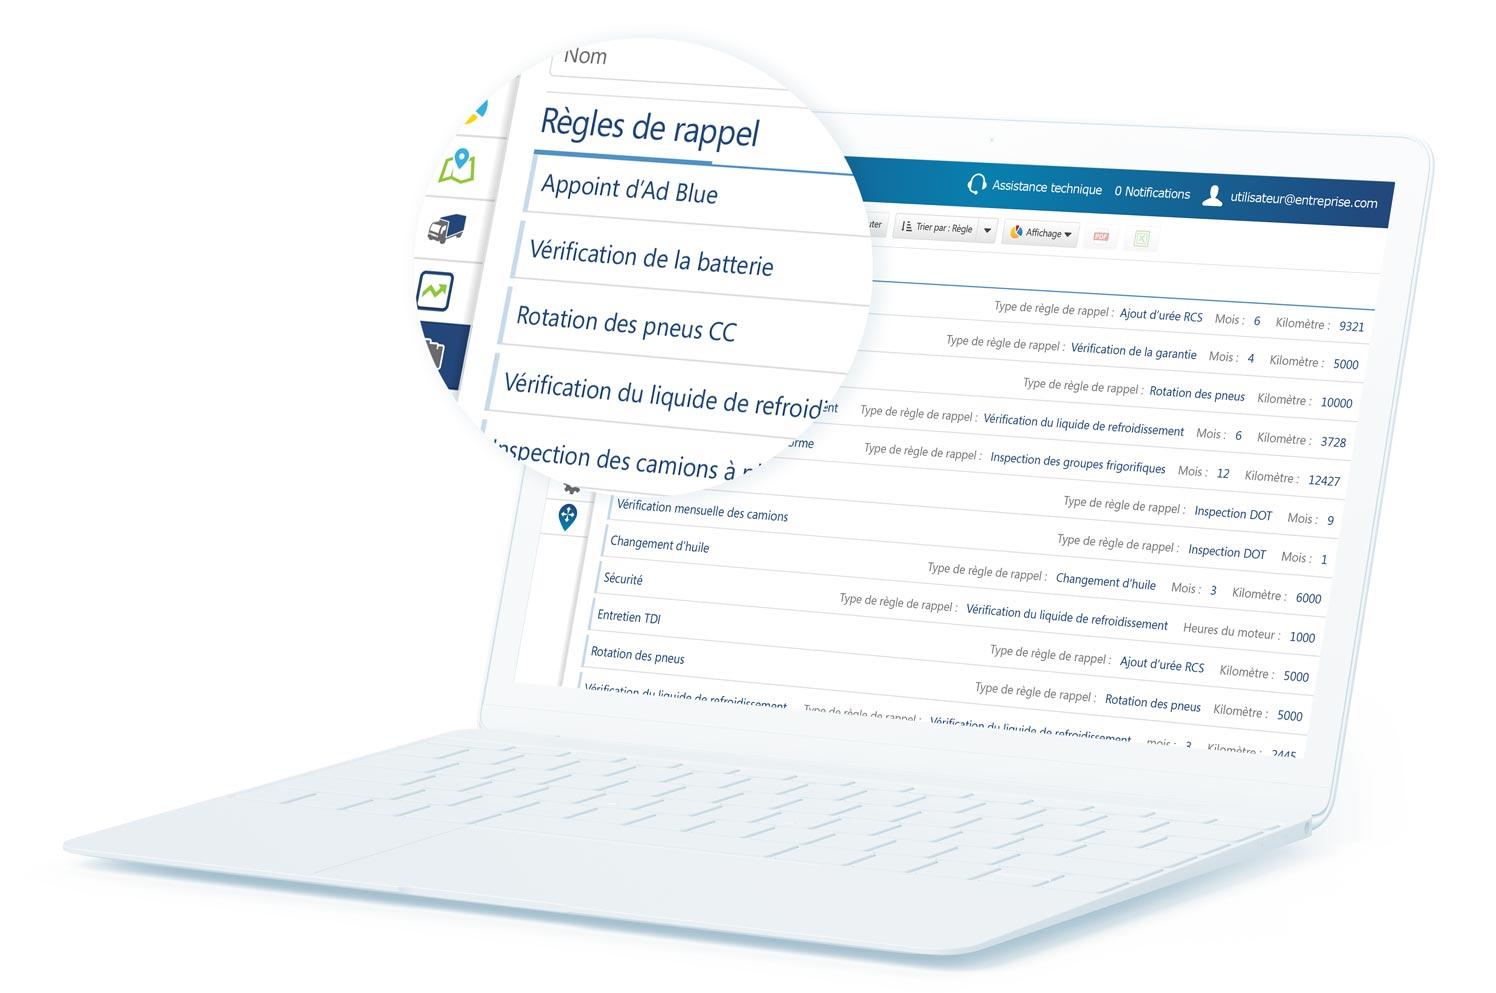 Règles de rappel d'entretien MyGeotab affichées sur un ordinateur portable blanc avec certains contenus agrandis